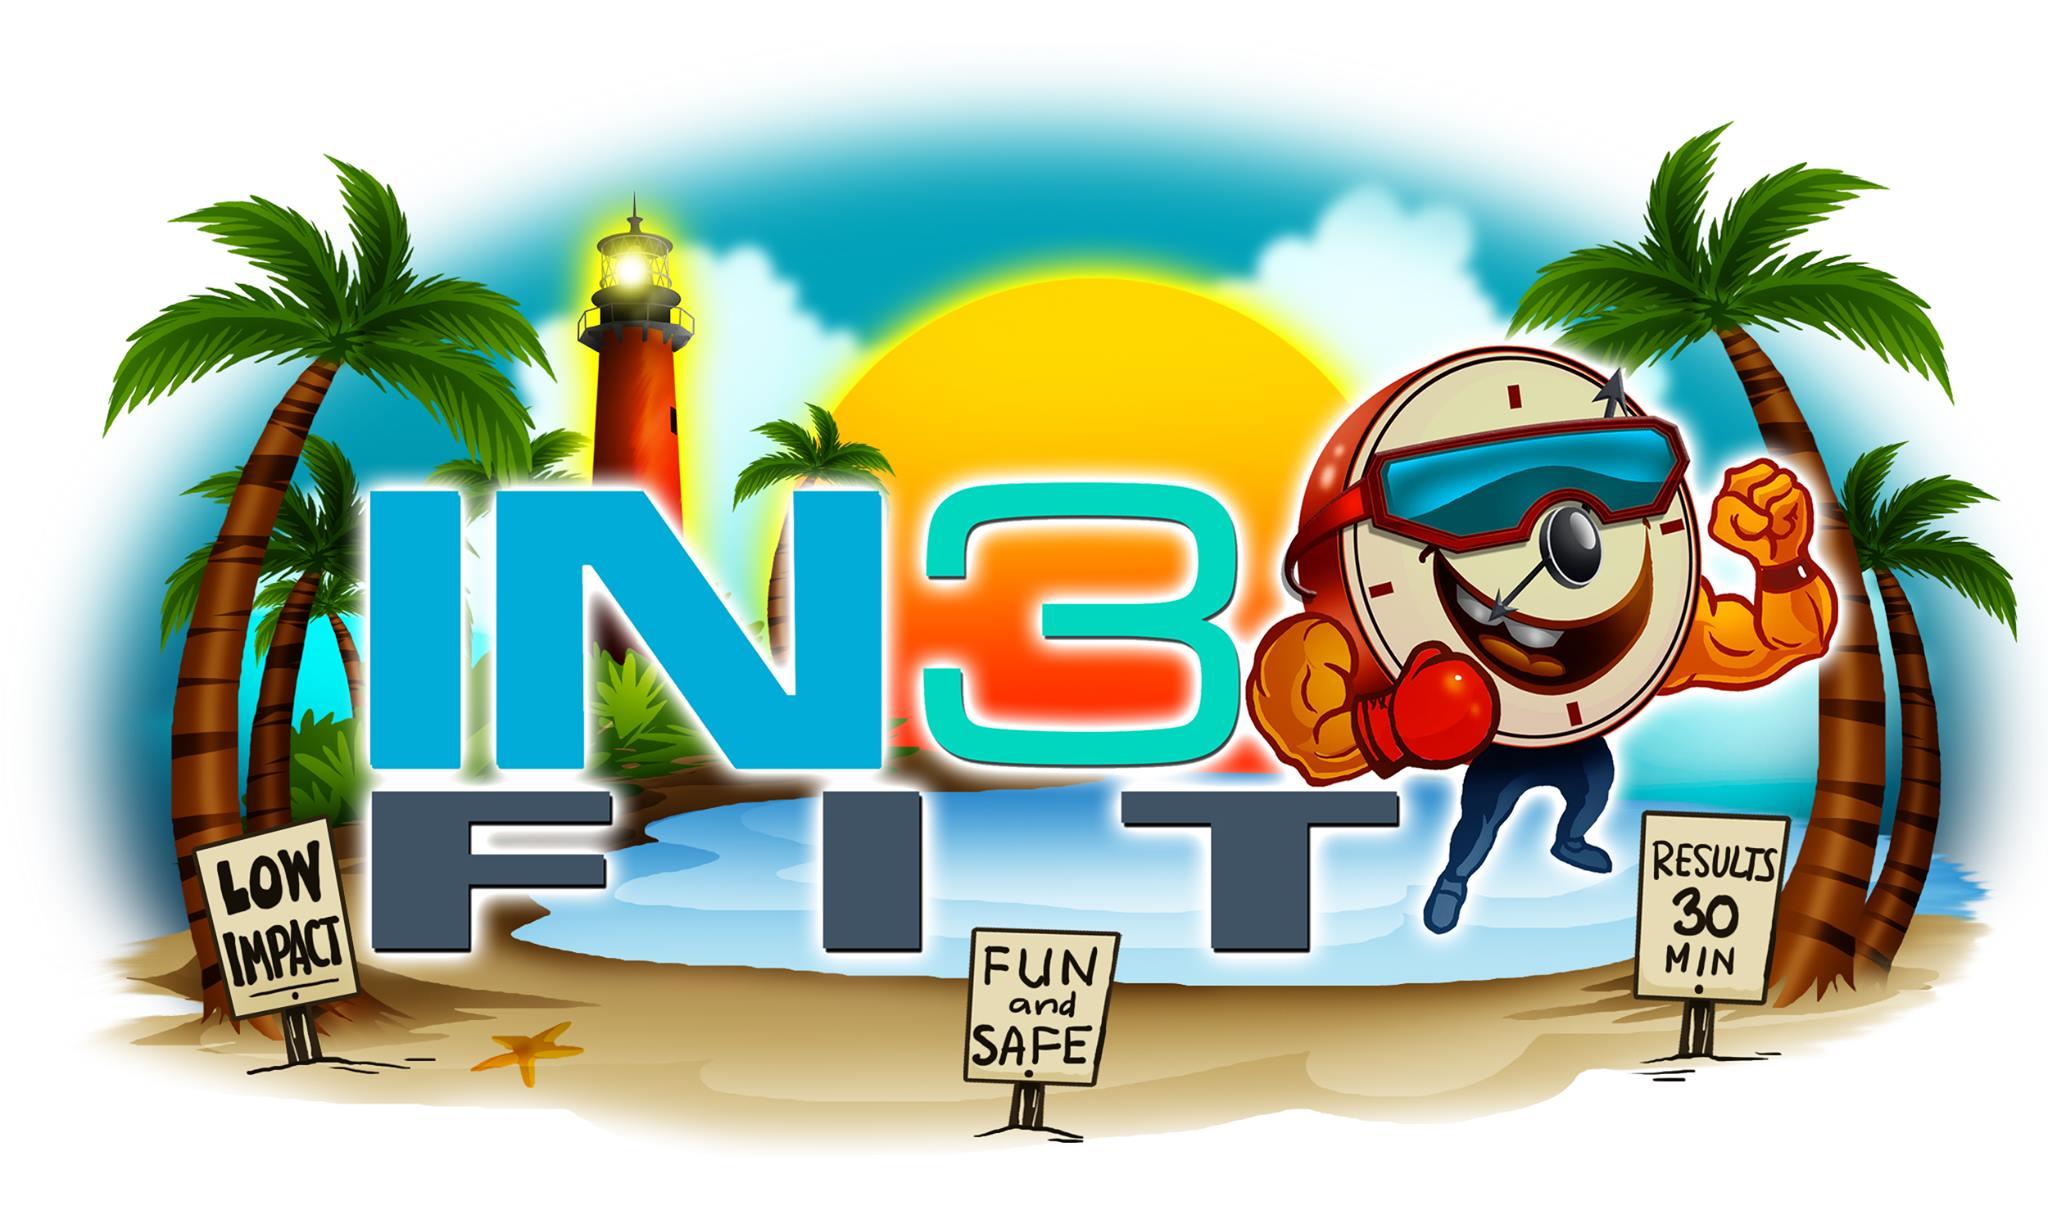 IN30 Fit logo